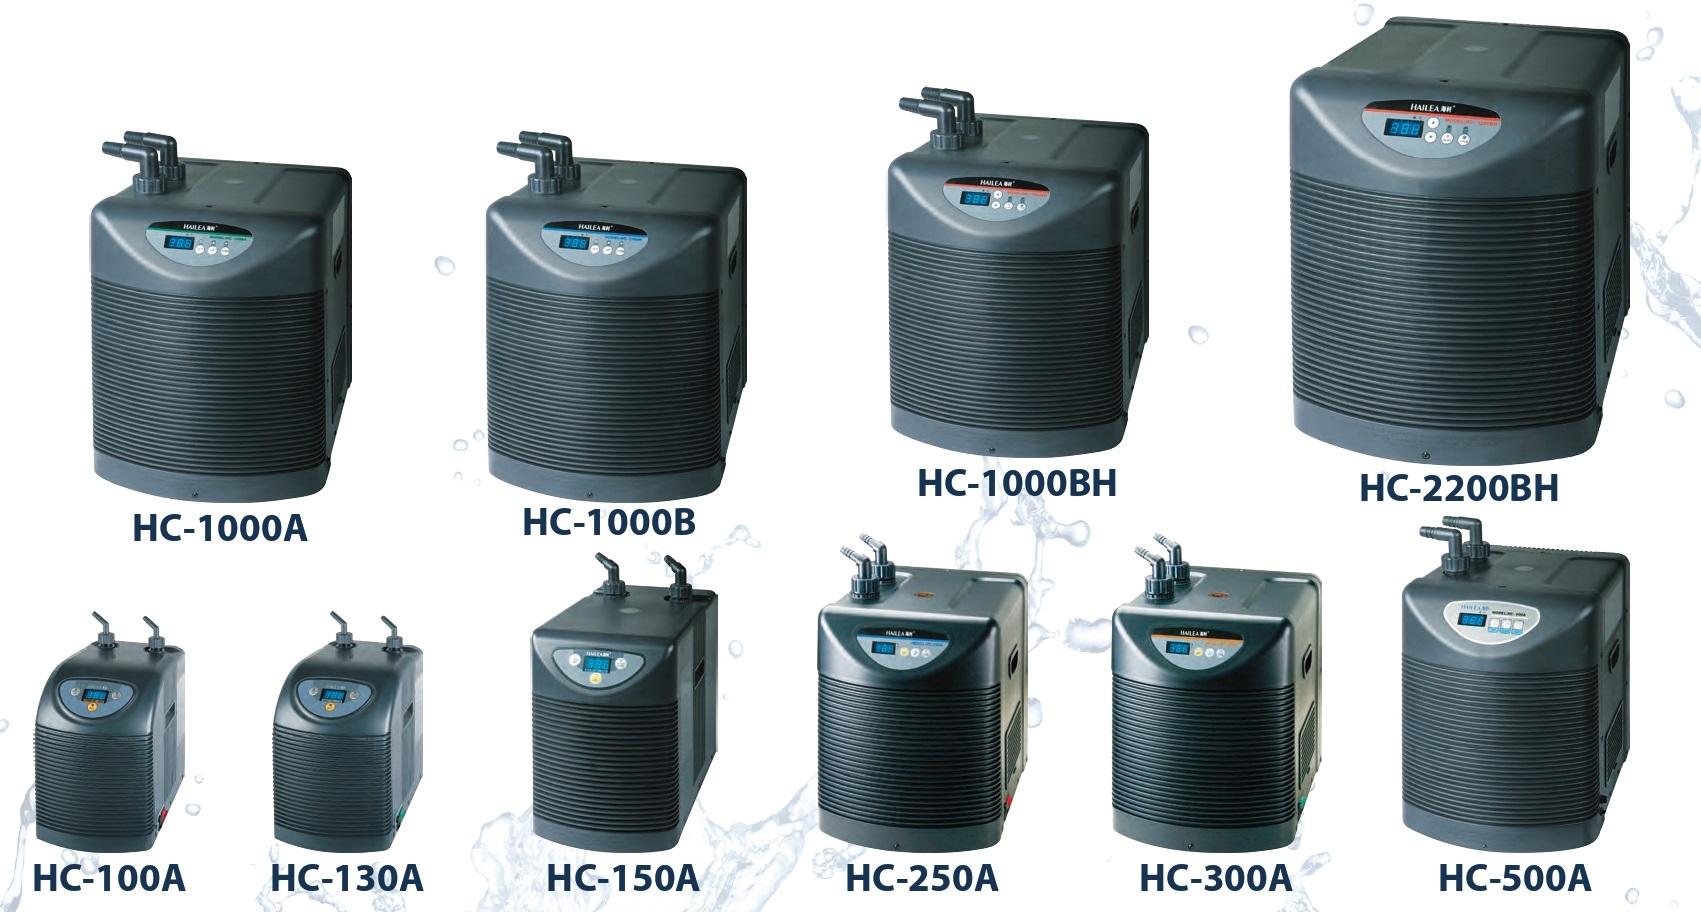 ХОЛОДИЛЬНИК HAILEA HC-2200BH (Чиллер)